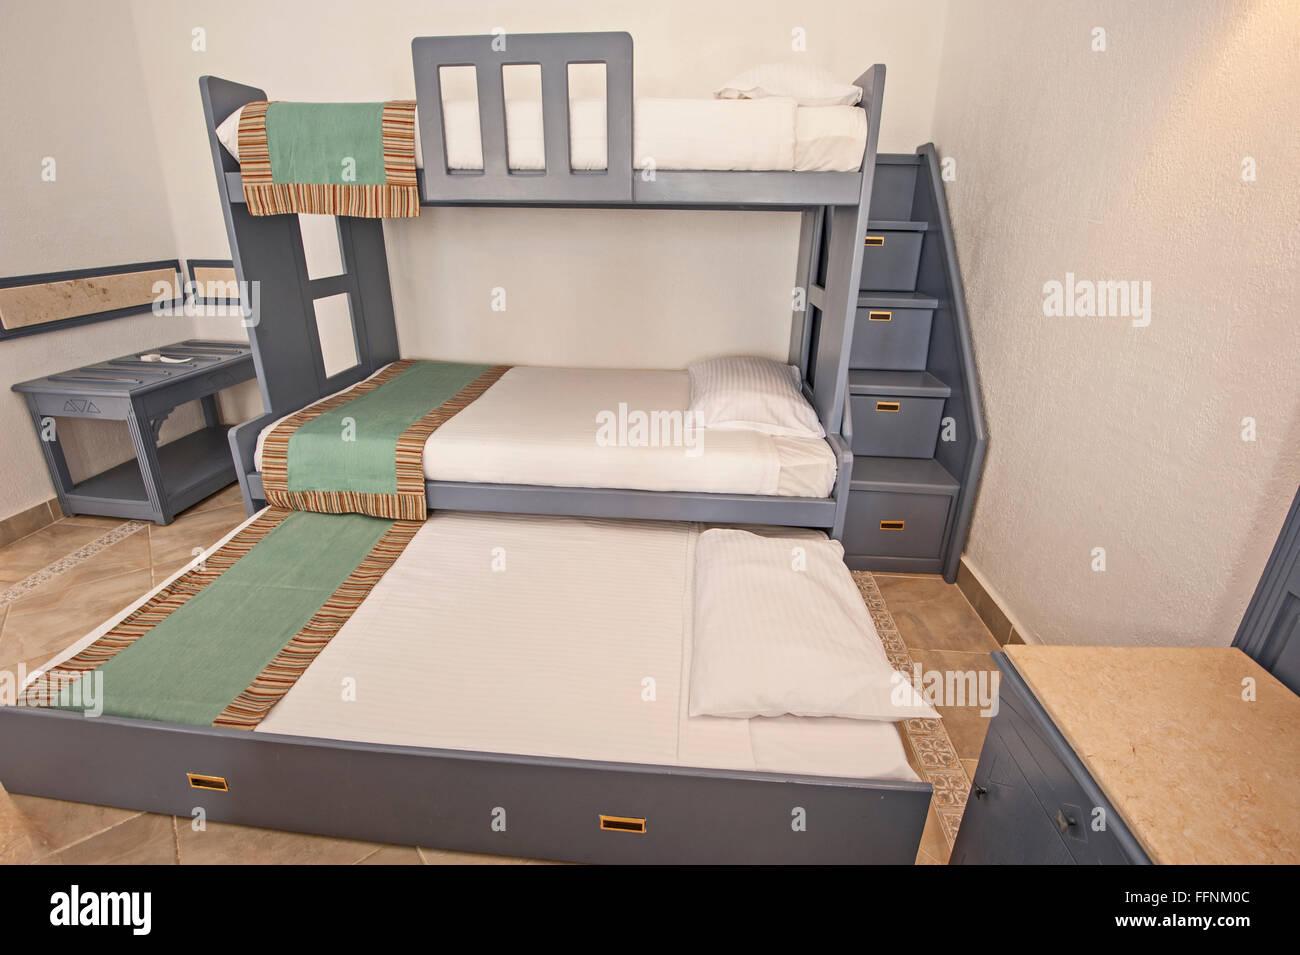 Etagenbett Platzsparend : Platzsparende etagenbetten in familie schlafzimmer storage konzept